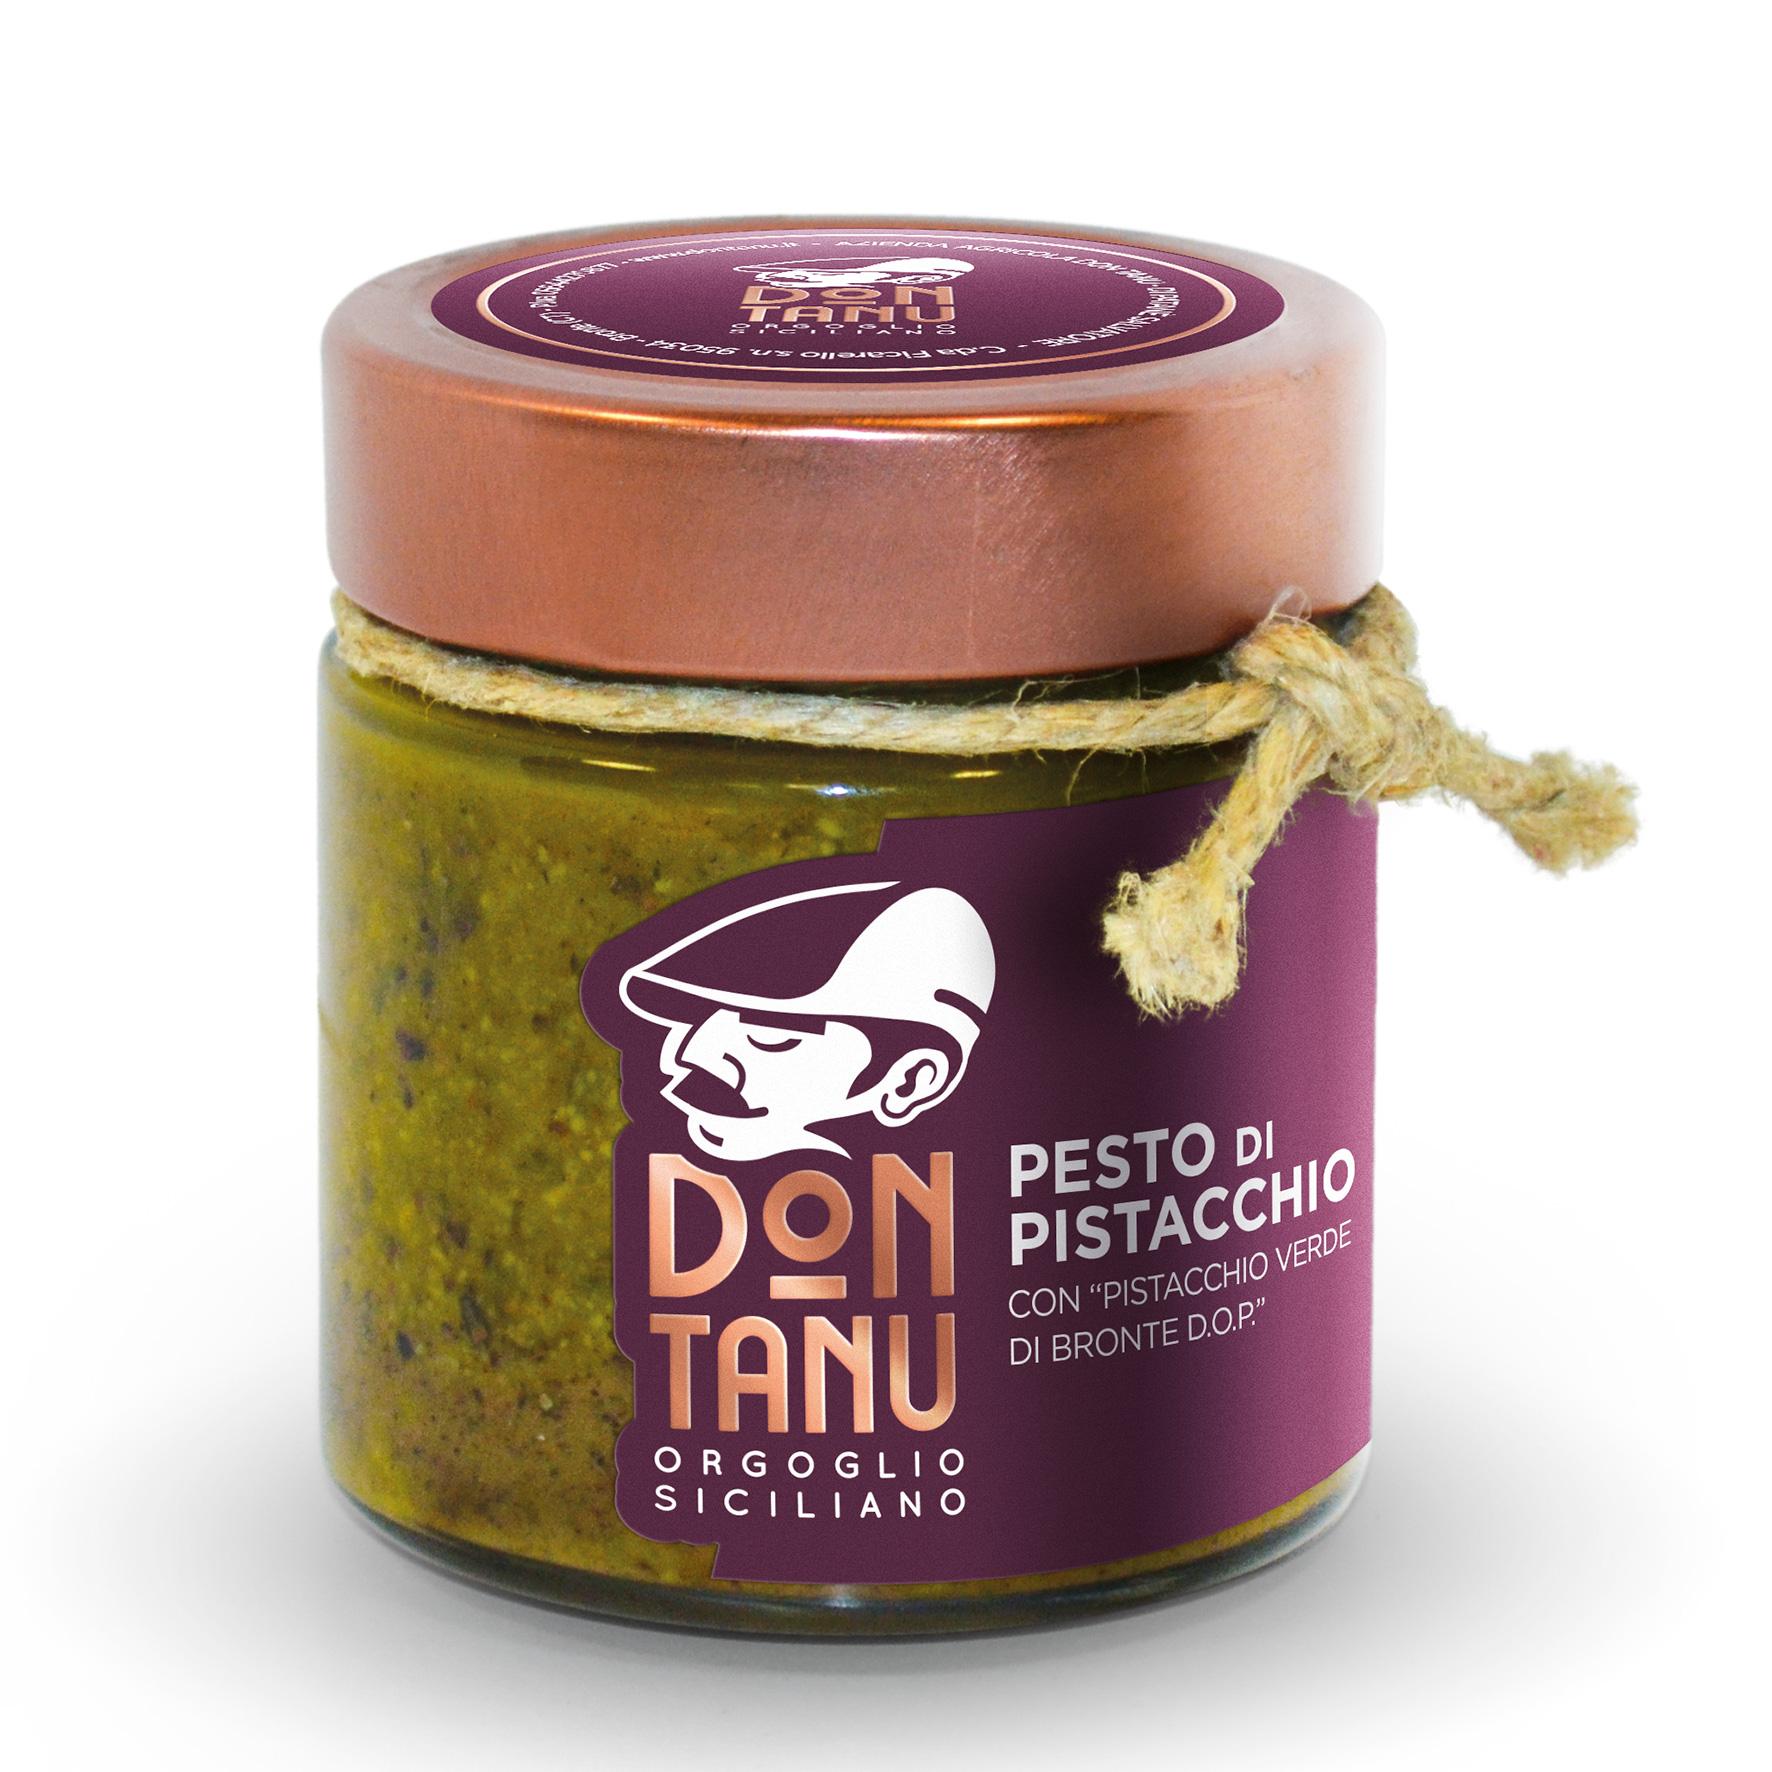 Pesto di pistacchio verde di Bronte DOP 190 g